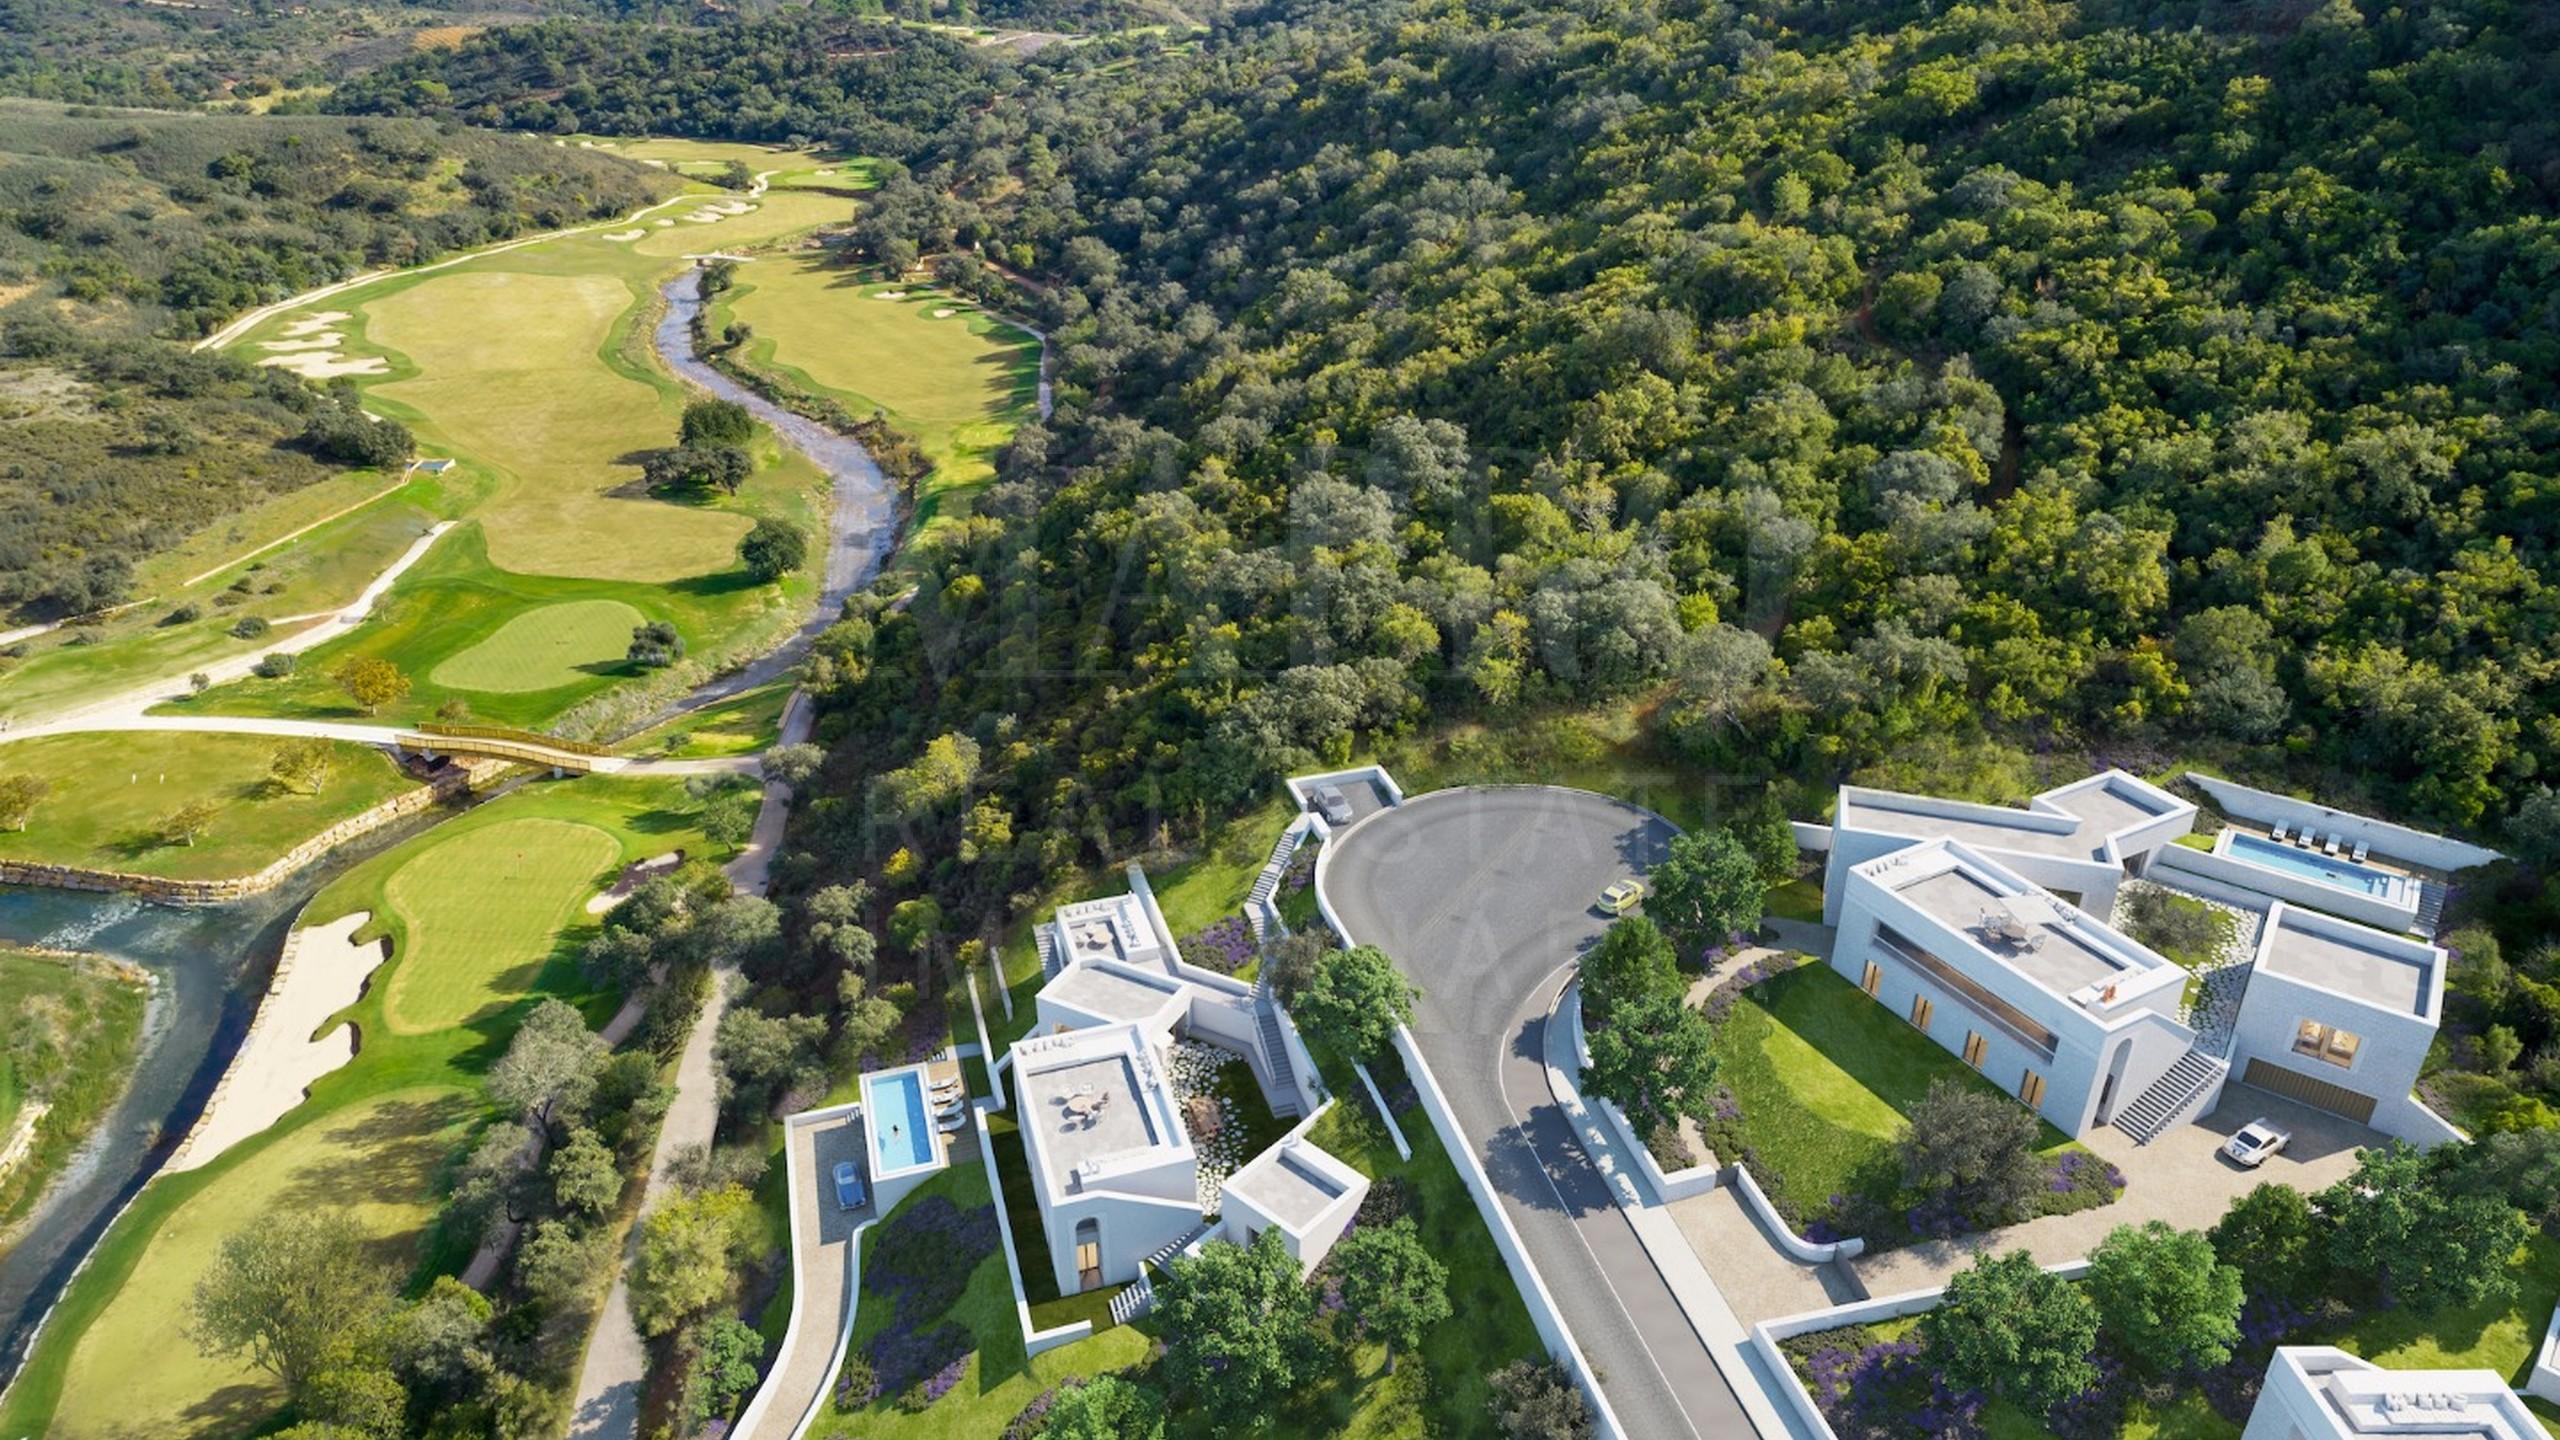 Villas for sale in Loulé